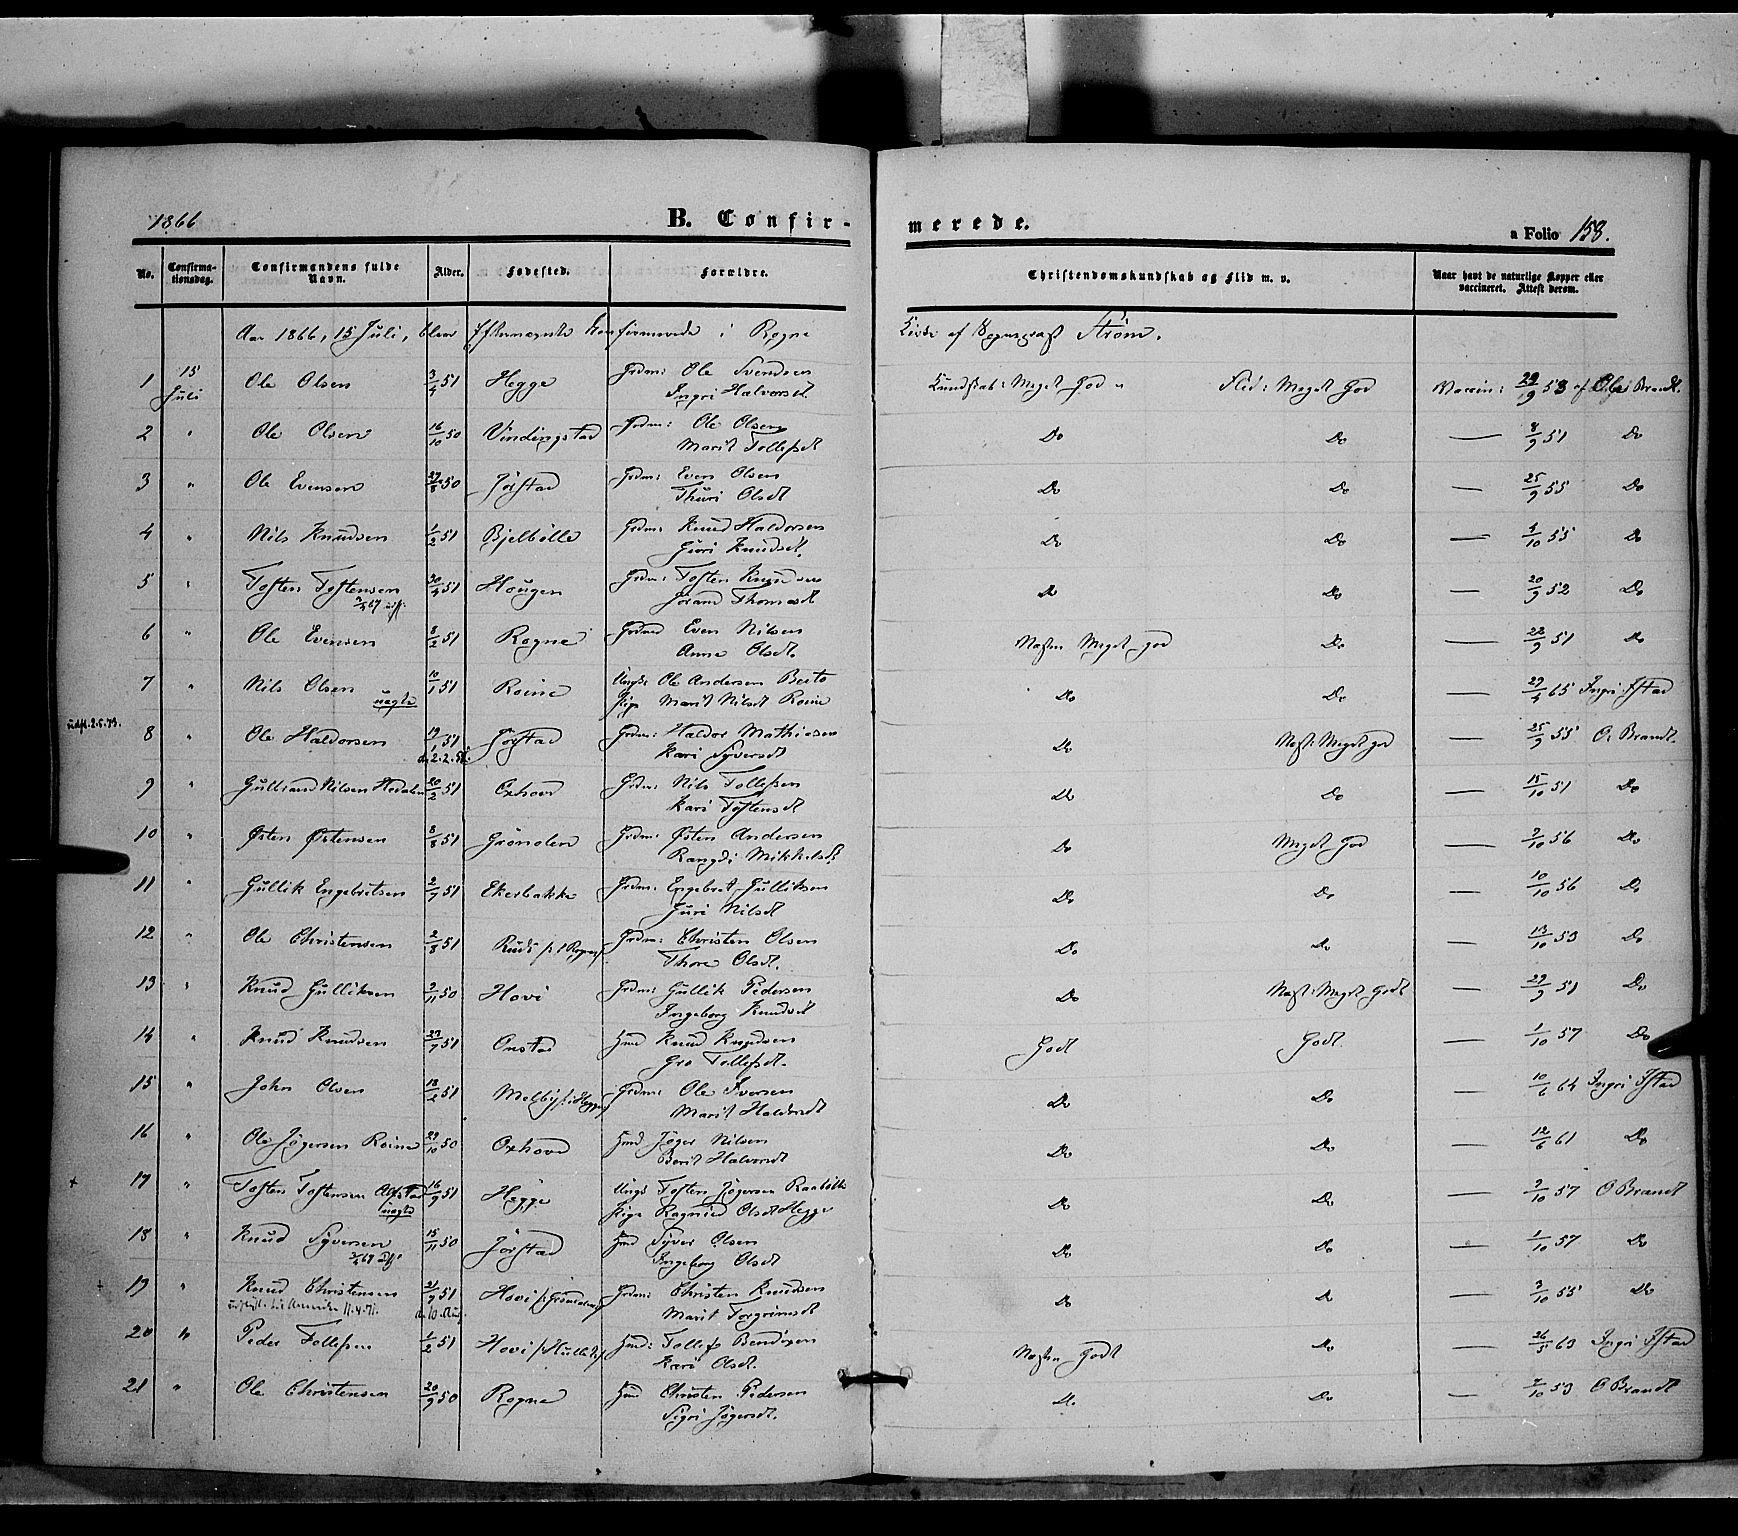 SAH, Øystre Slidre prestekontor, Ministerialbok nr. 1, 1849-1874, s. 158